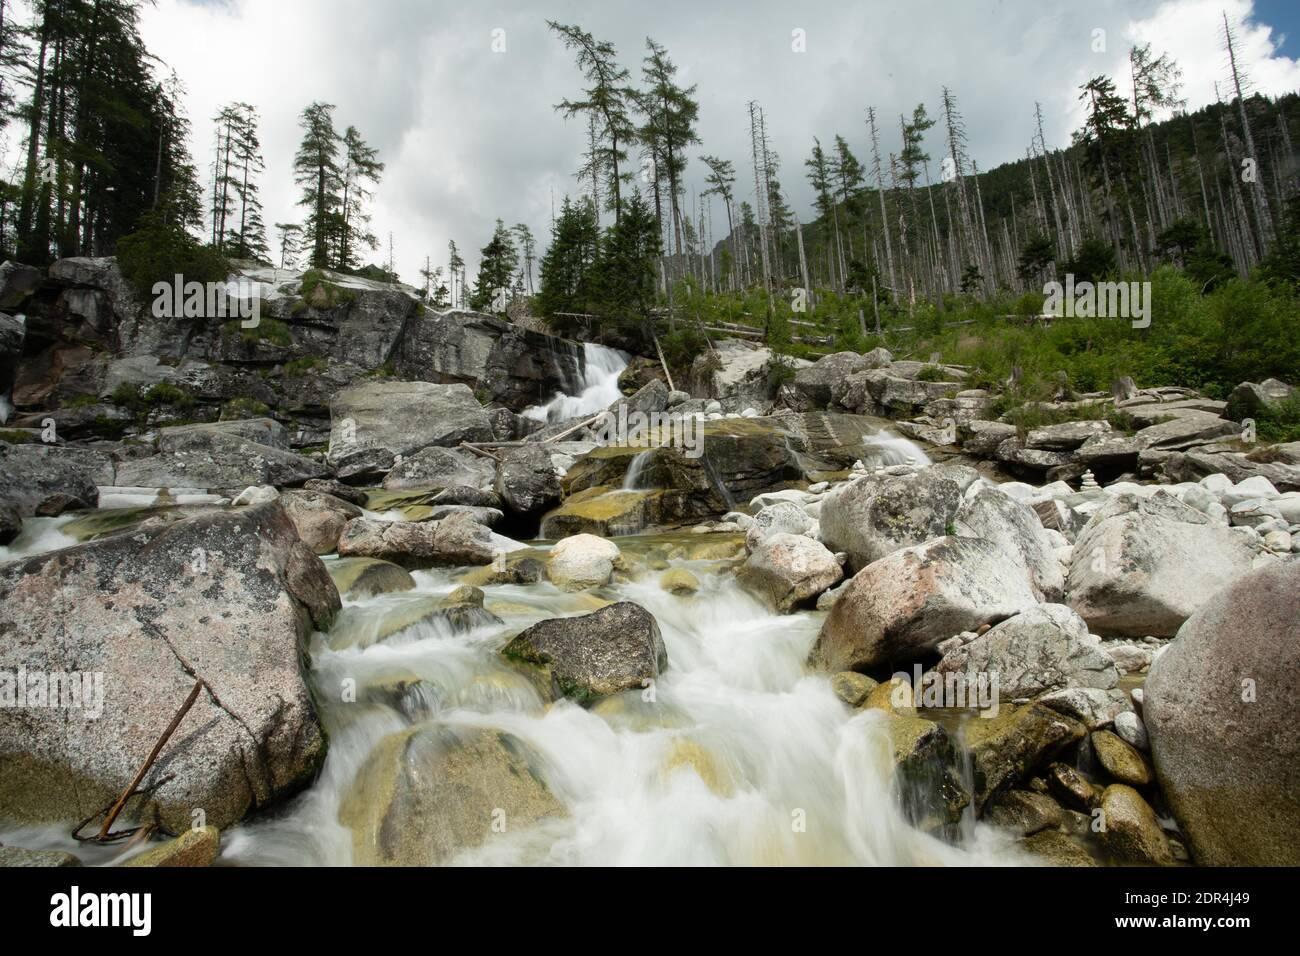 Cascate del torrente freddo nella Grande Valle fredda in alta Tatra, Slovacchia. Cielo nuvoloso. Foto Stock